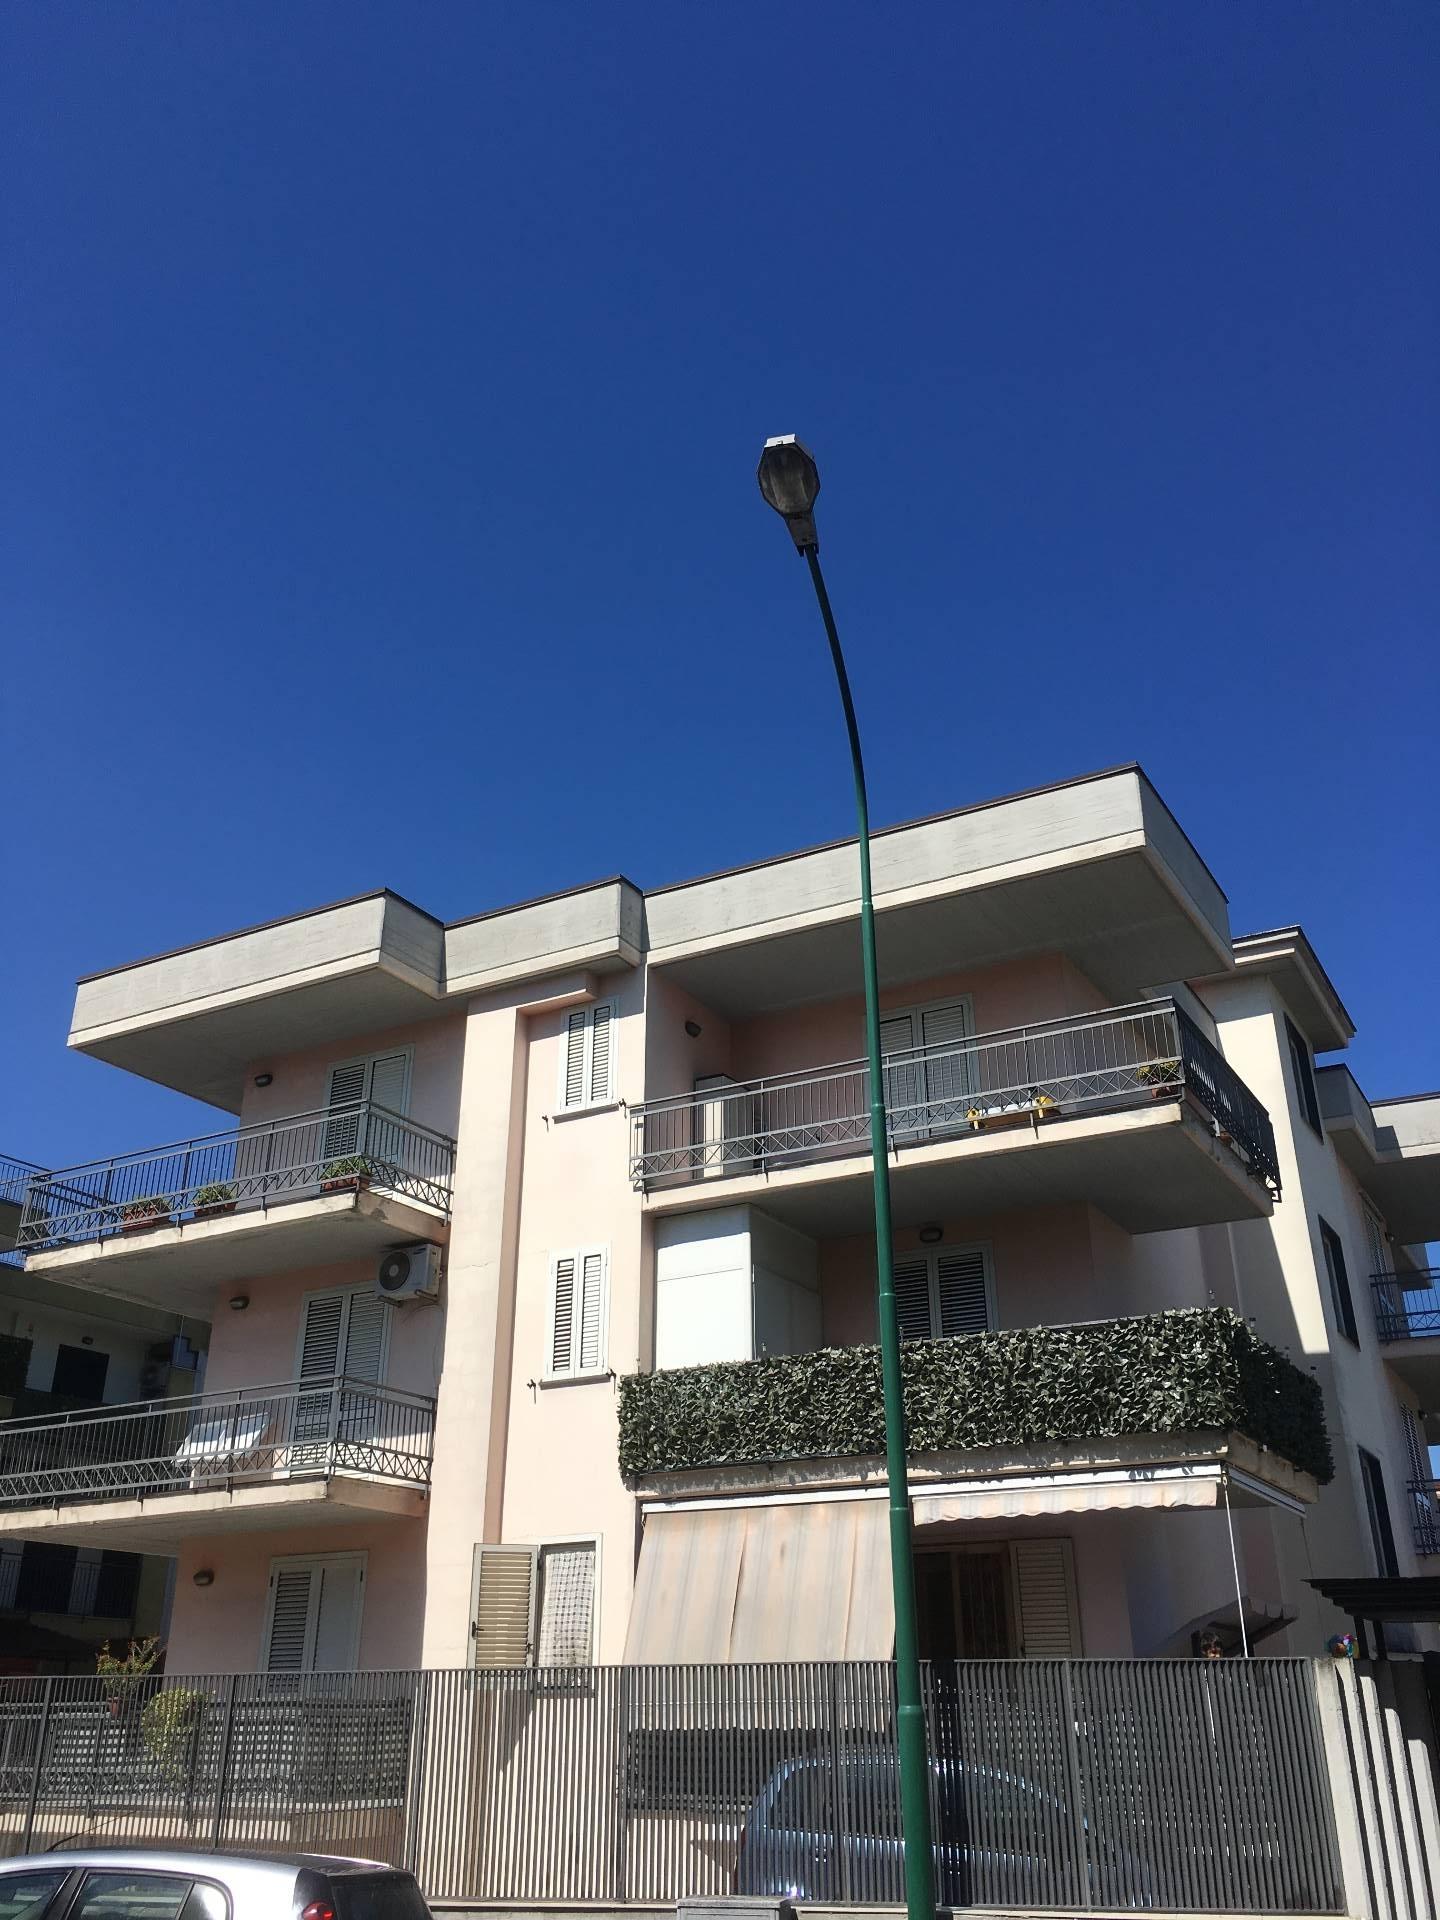 affitto appartamento marigliano   430 euro  3 locali  85 mq